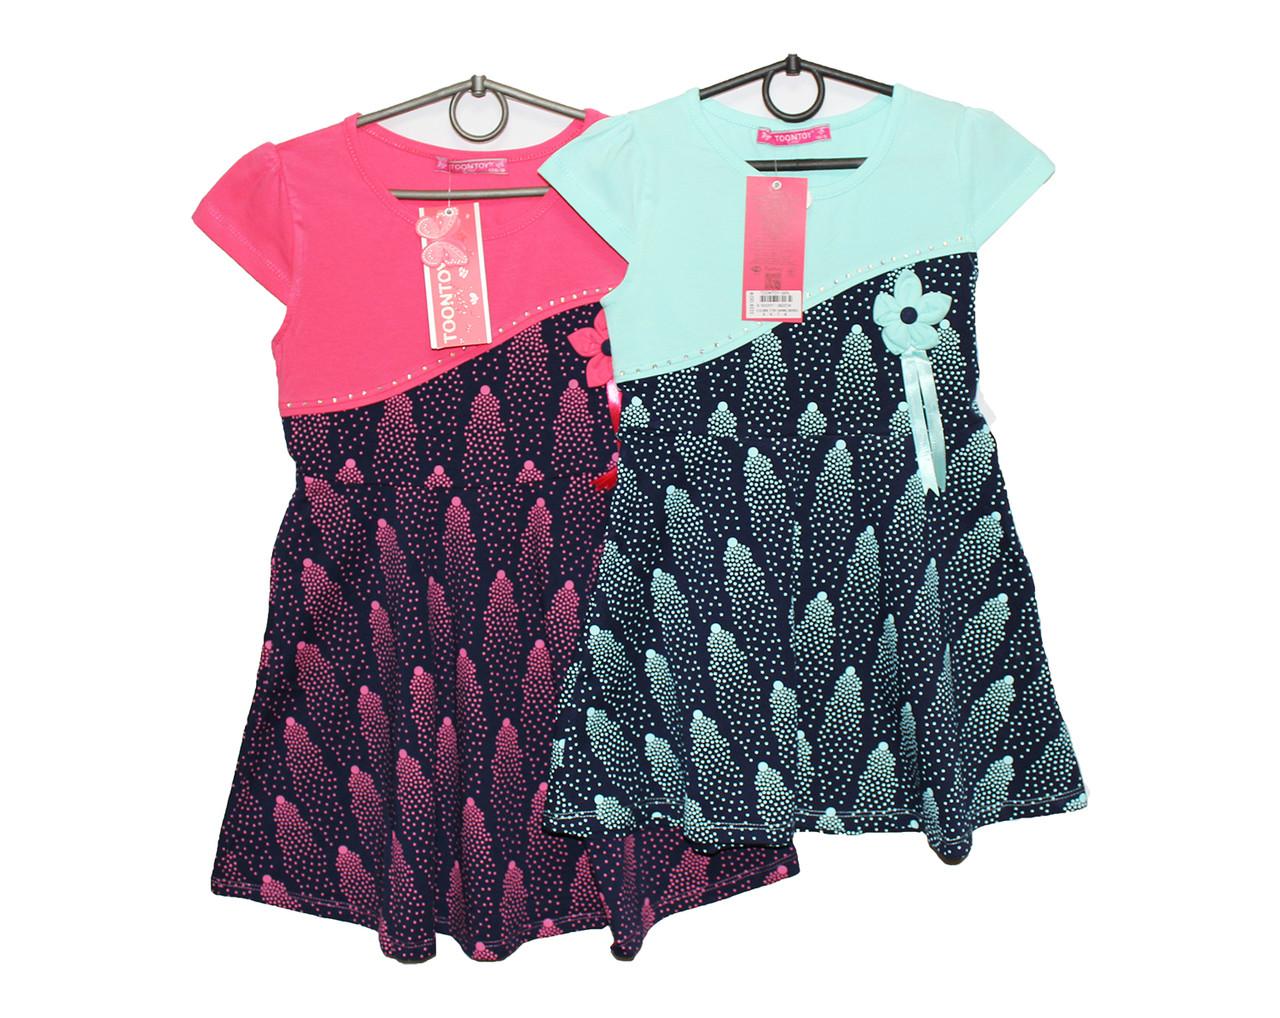 Плаття дитячі трикотажні на літо Toontoy 8223